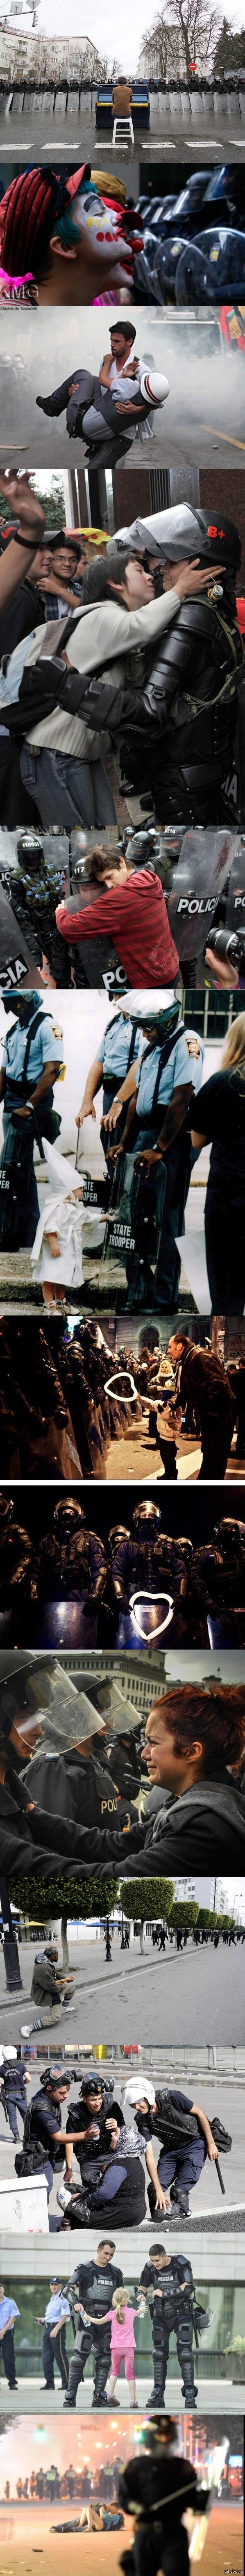 Make love, not war Длиннопост!   Серия трогательных фотографий с митингов, показывающие самые добрые человеческие чувства.